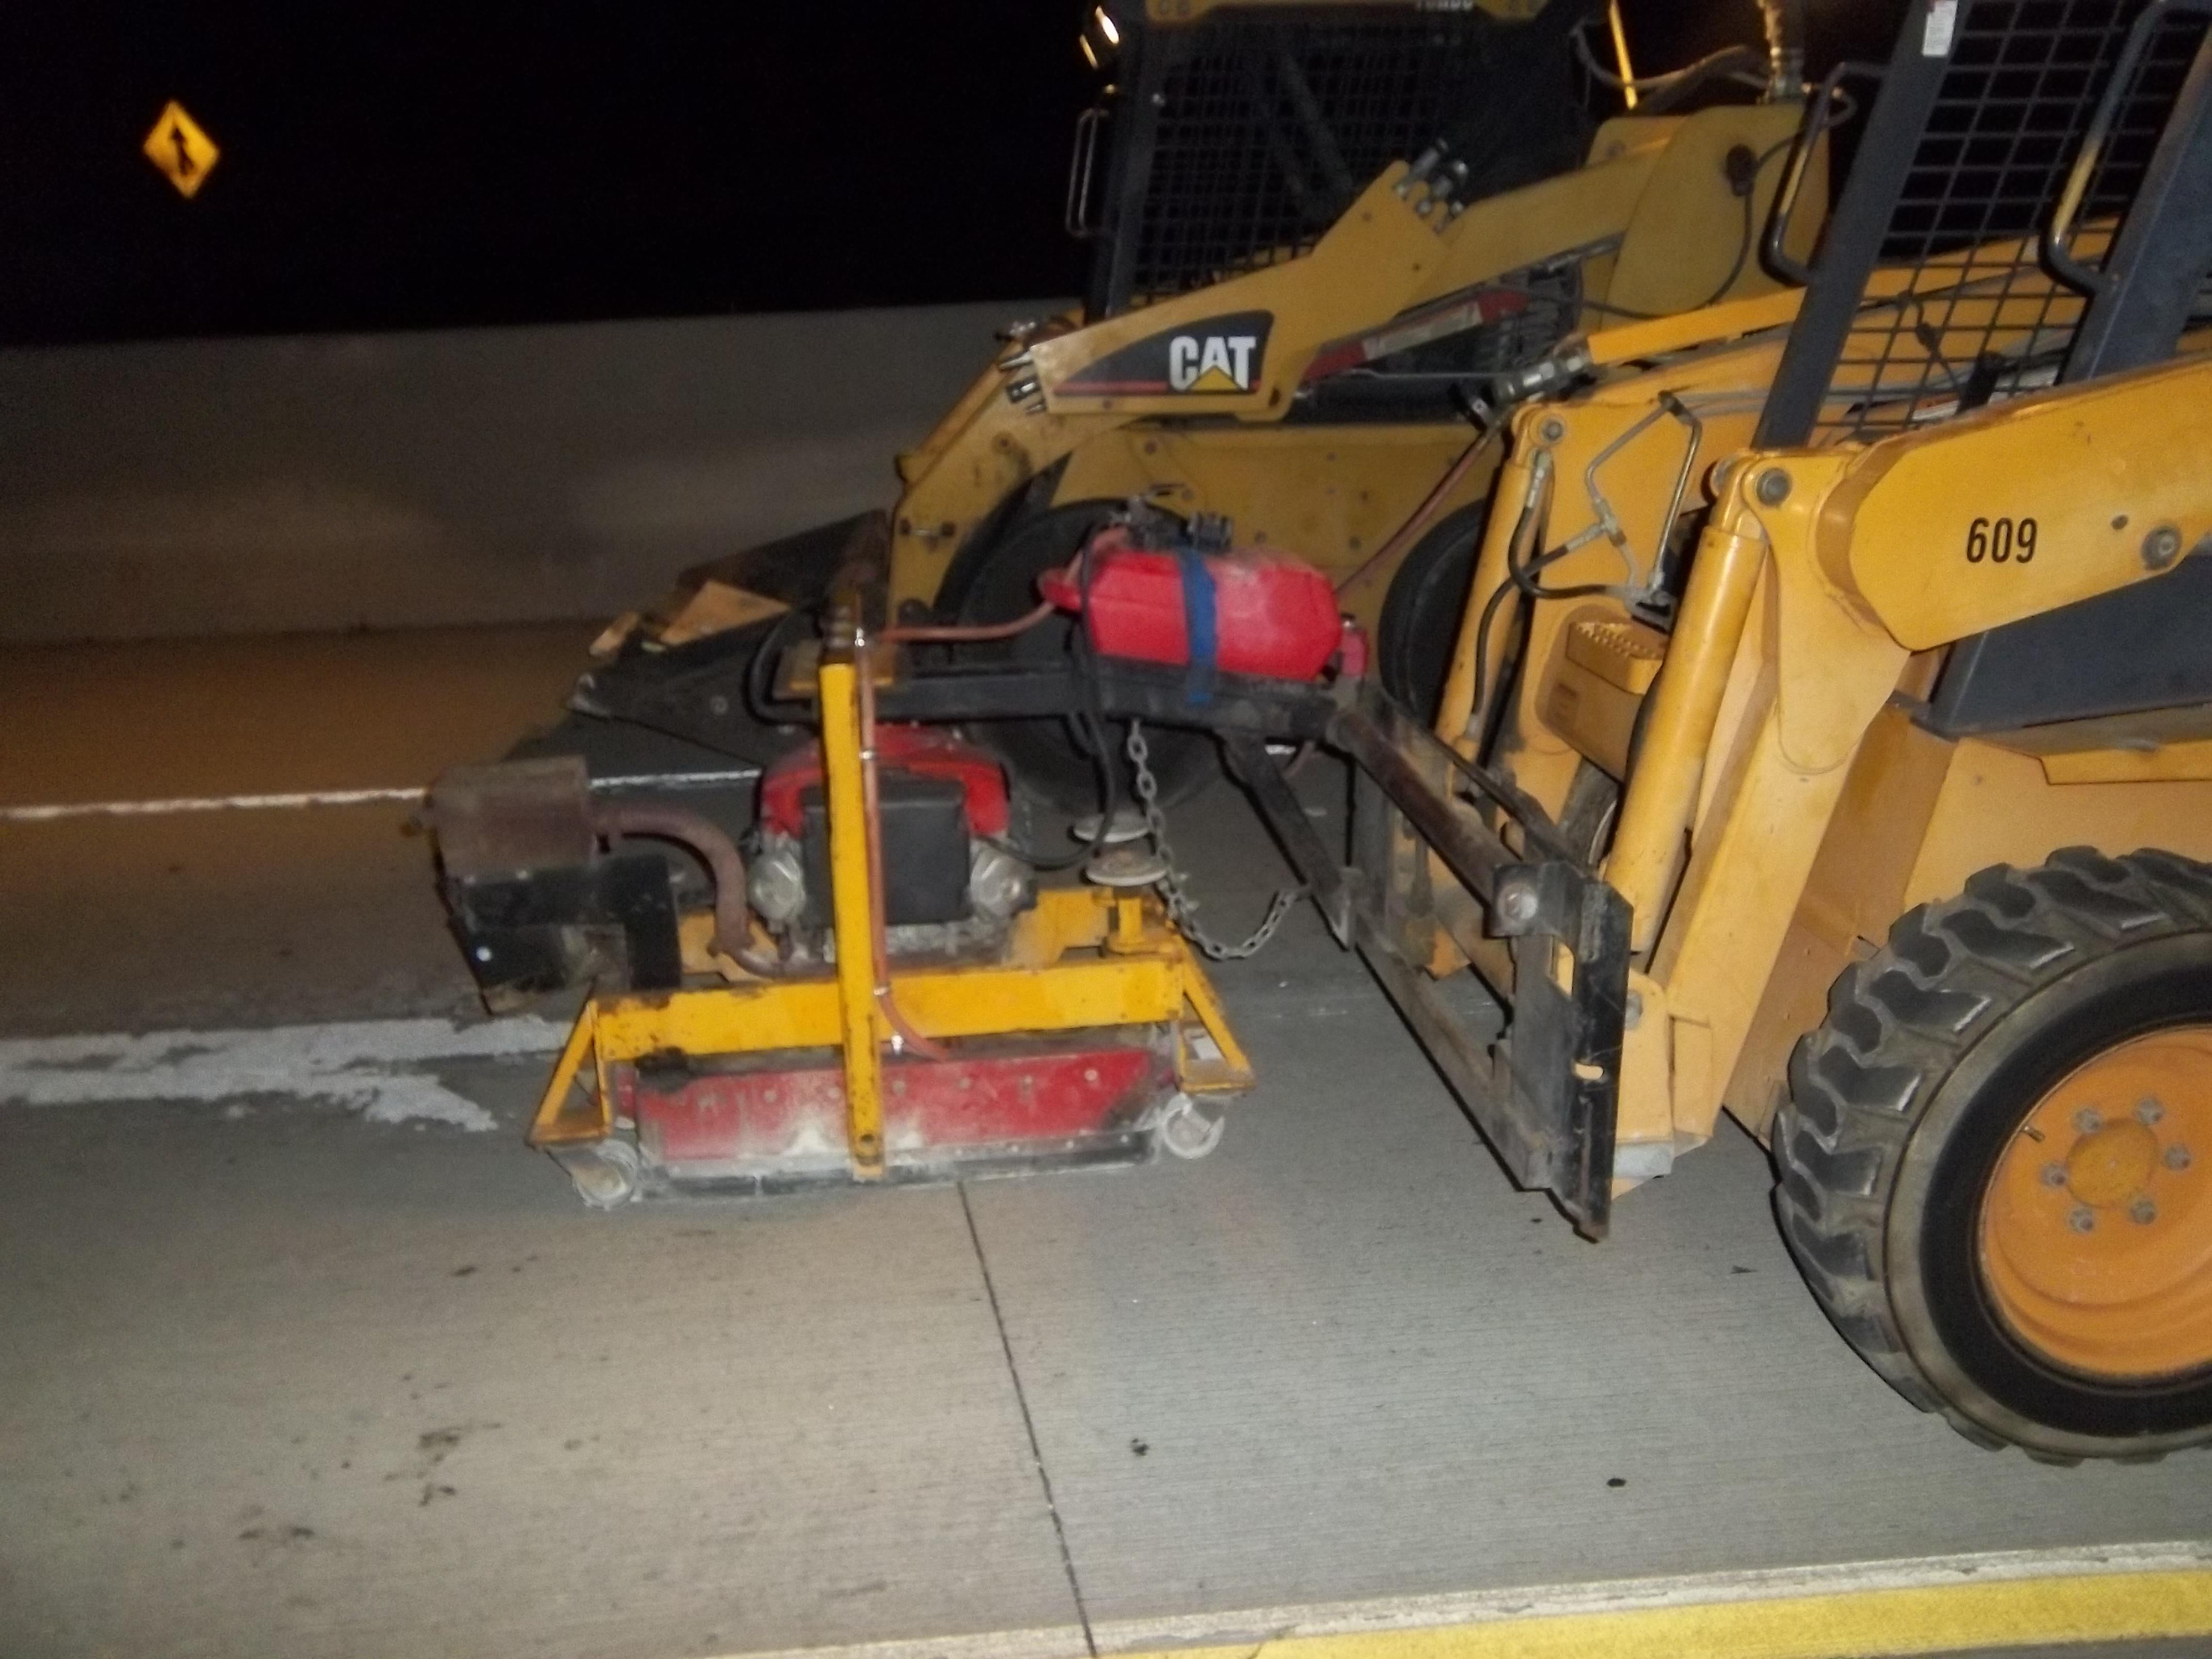 Maquinaria trabajando en el nuevo trazo de los carriles en la autopista. (Foto Metro)